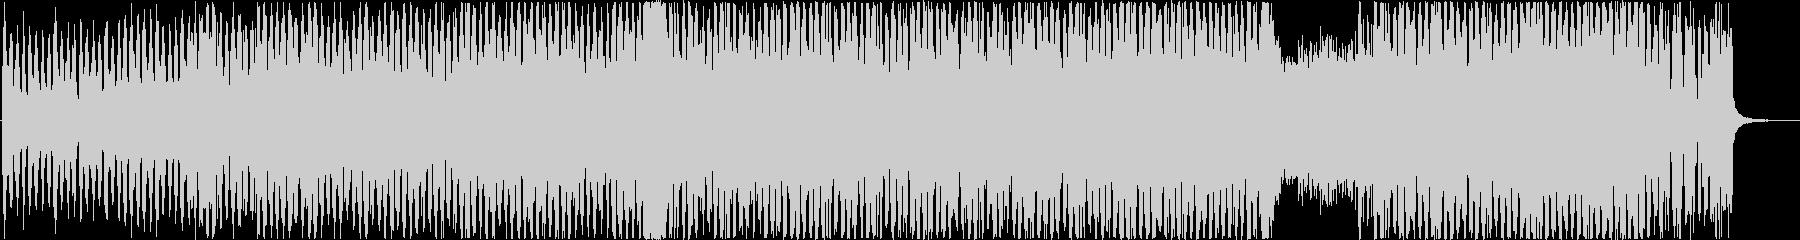 g線上のアリアのエレクトロアレンジです。の未再生の波形